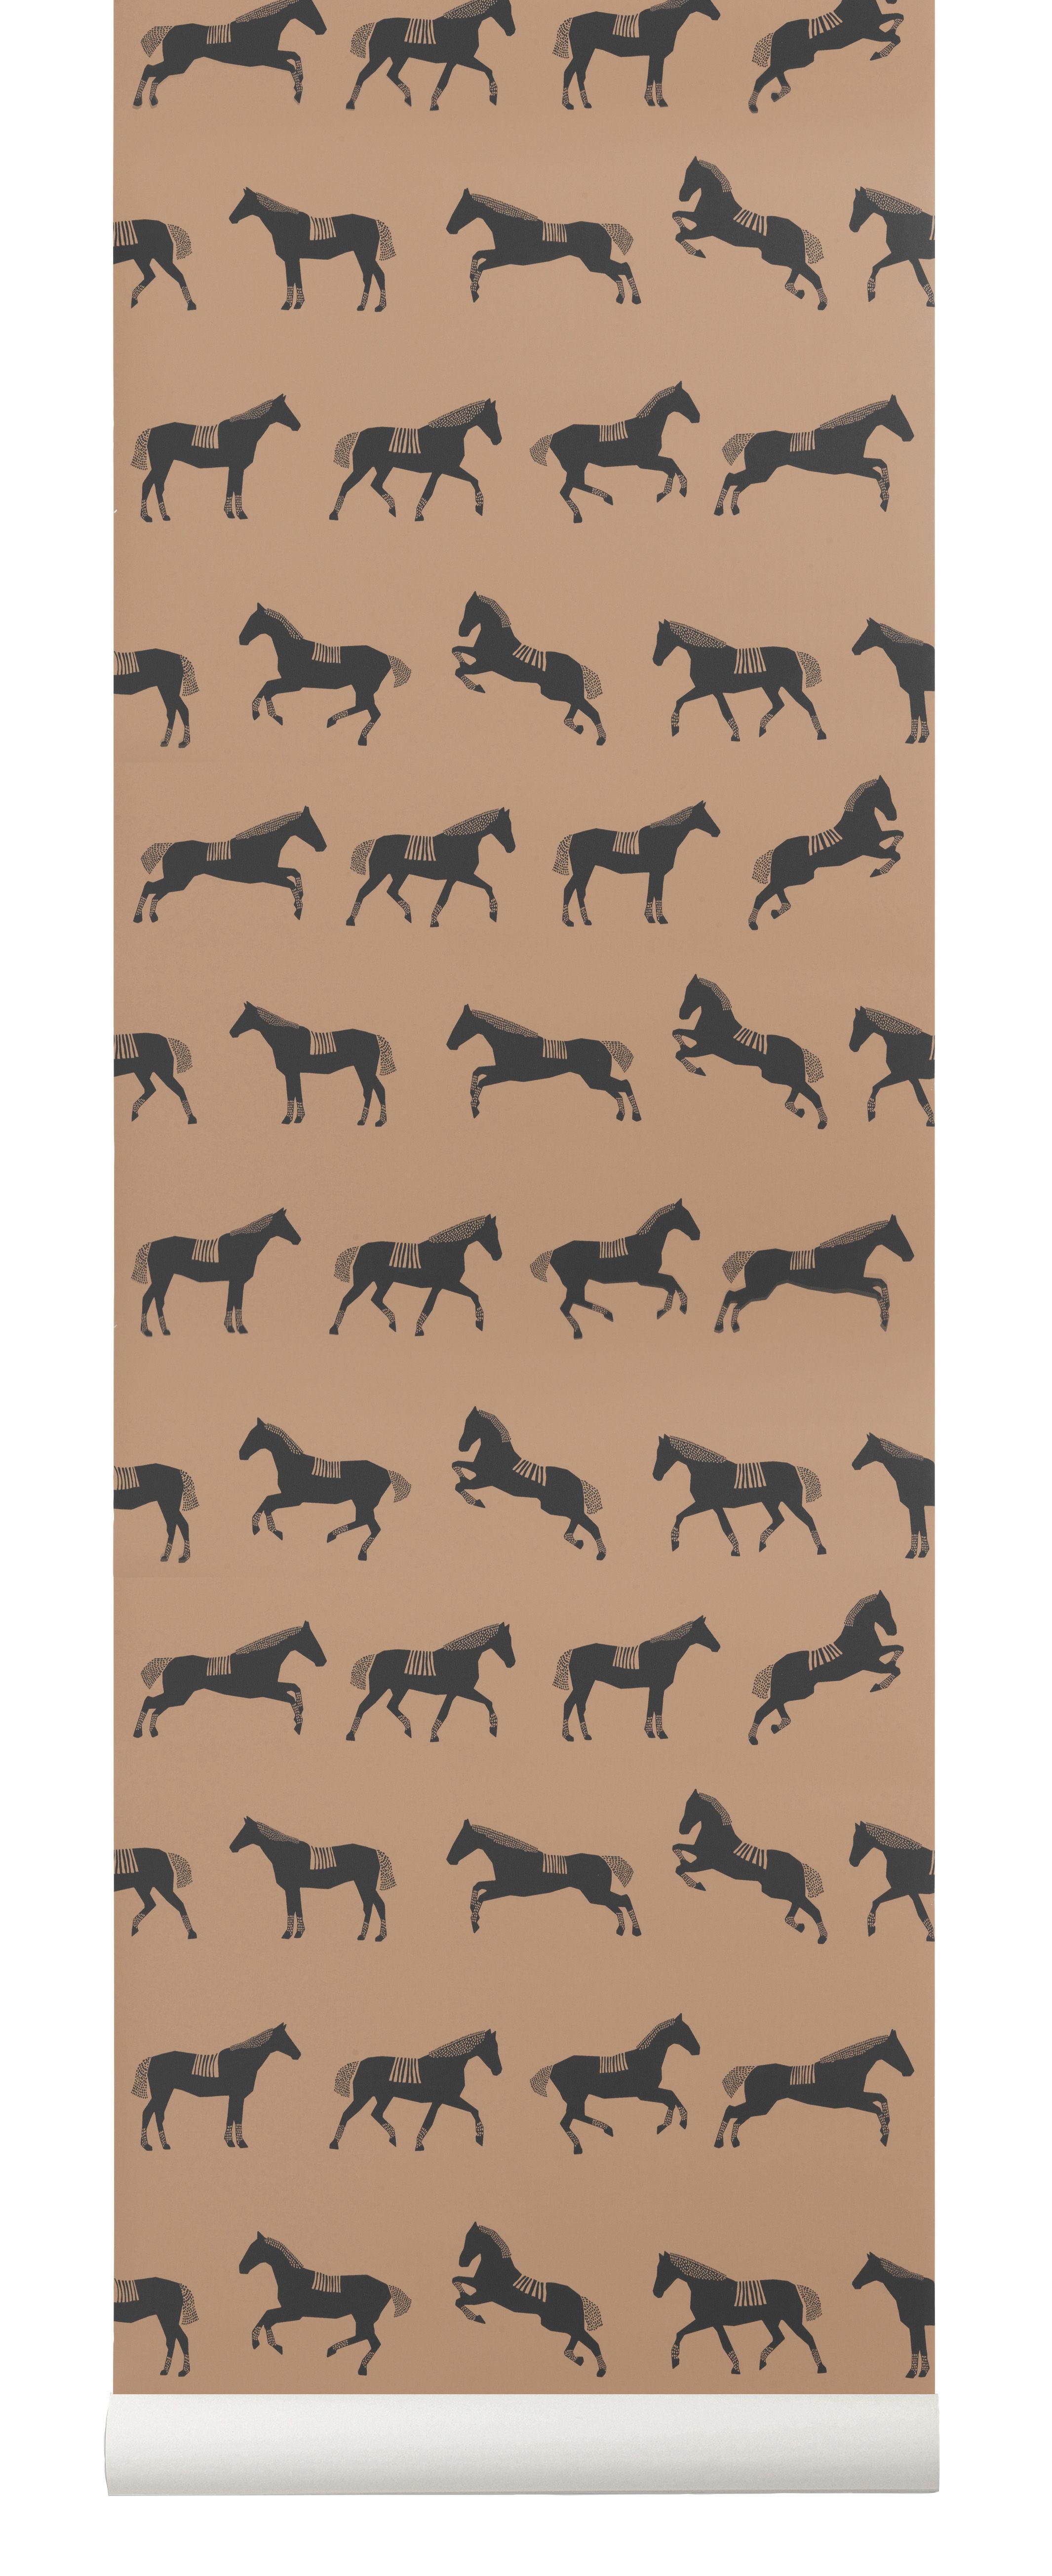 Dekoration - Stickers und Tapeten - Horse Tapete / 1 Bahn - B 53 cm - Ferm Living - Schwarz & braun - Vliestapete